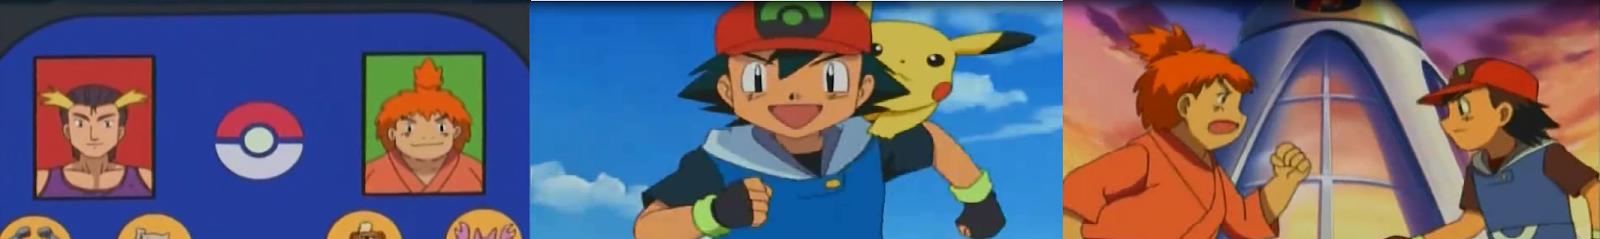 Pokémon -  Capítulo 34 - Temporada 8 - Audio Latino